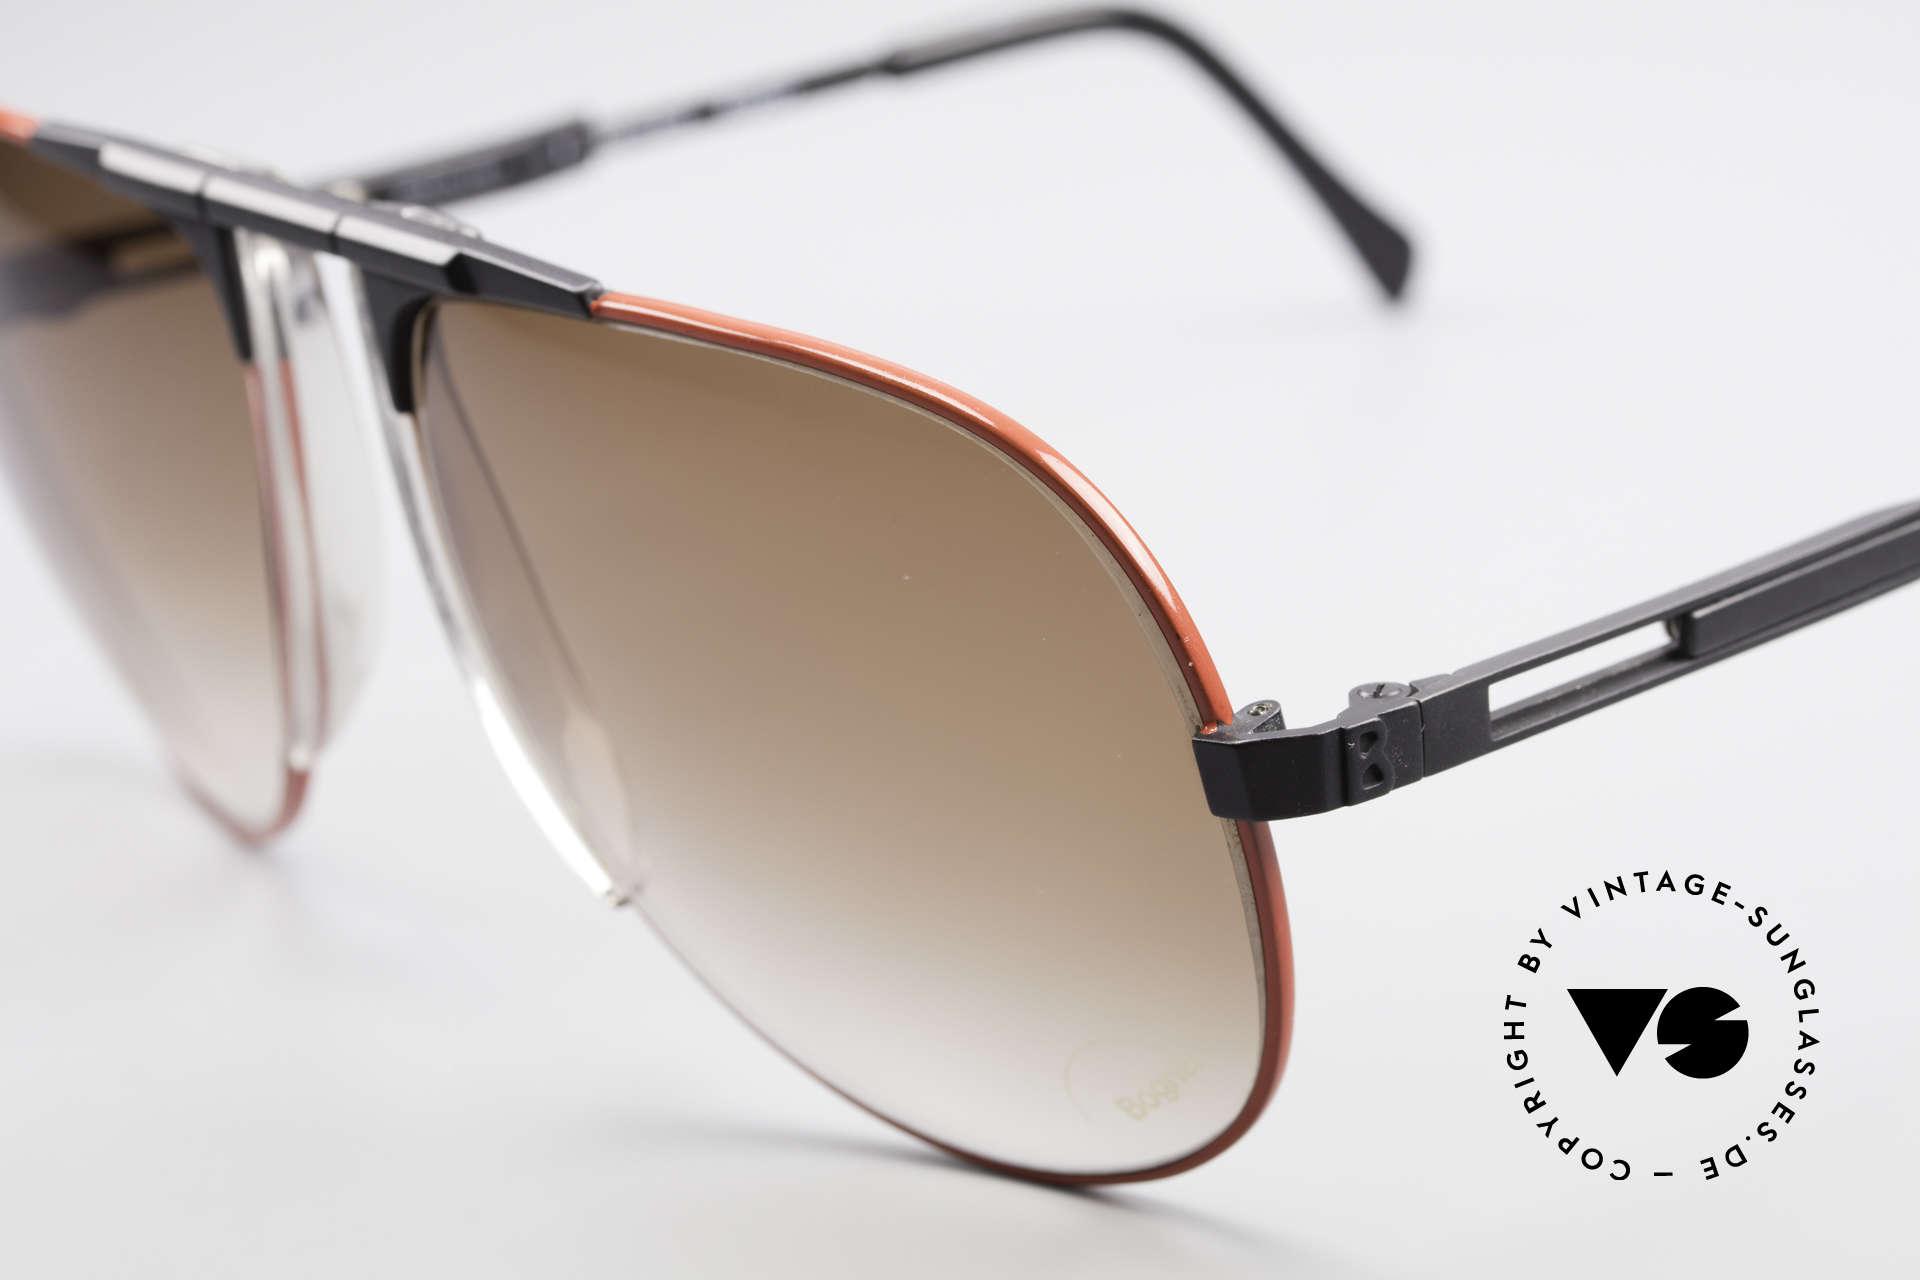 Willy Bogner 7011 Einstellbare 80er Sonnenbrille, 7011 = ähnlich der James Bond Bogner Brille Mod. 7003, Passend für Herren